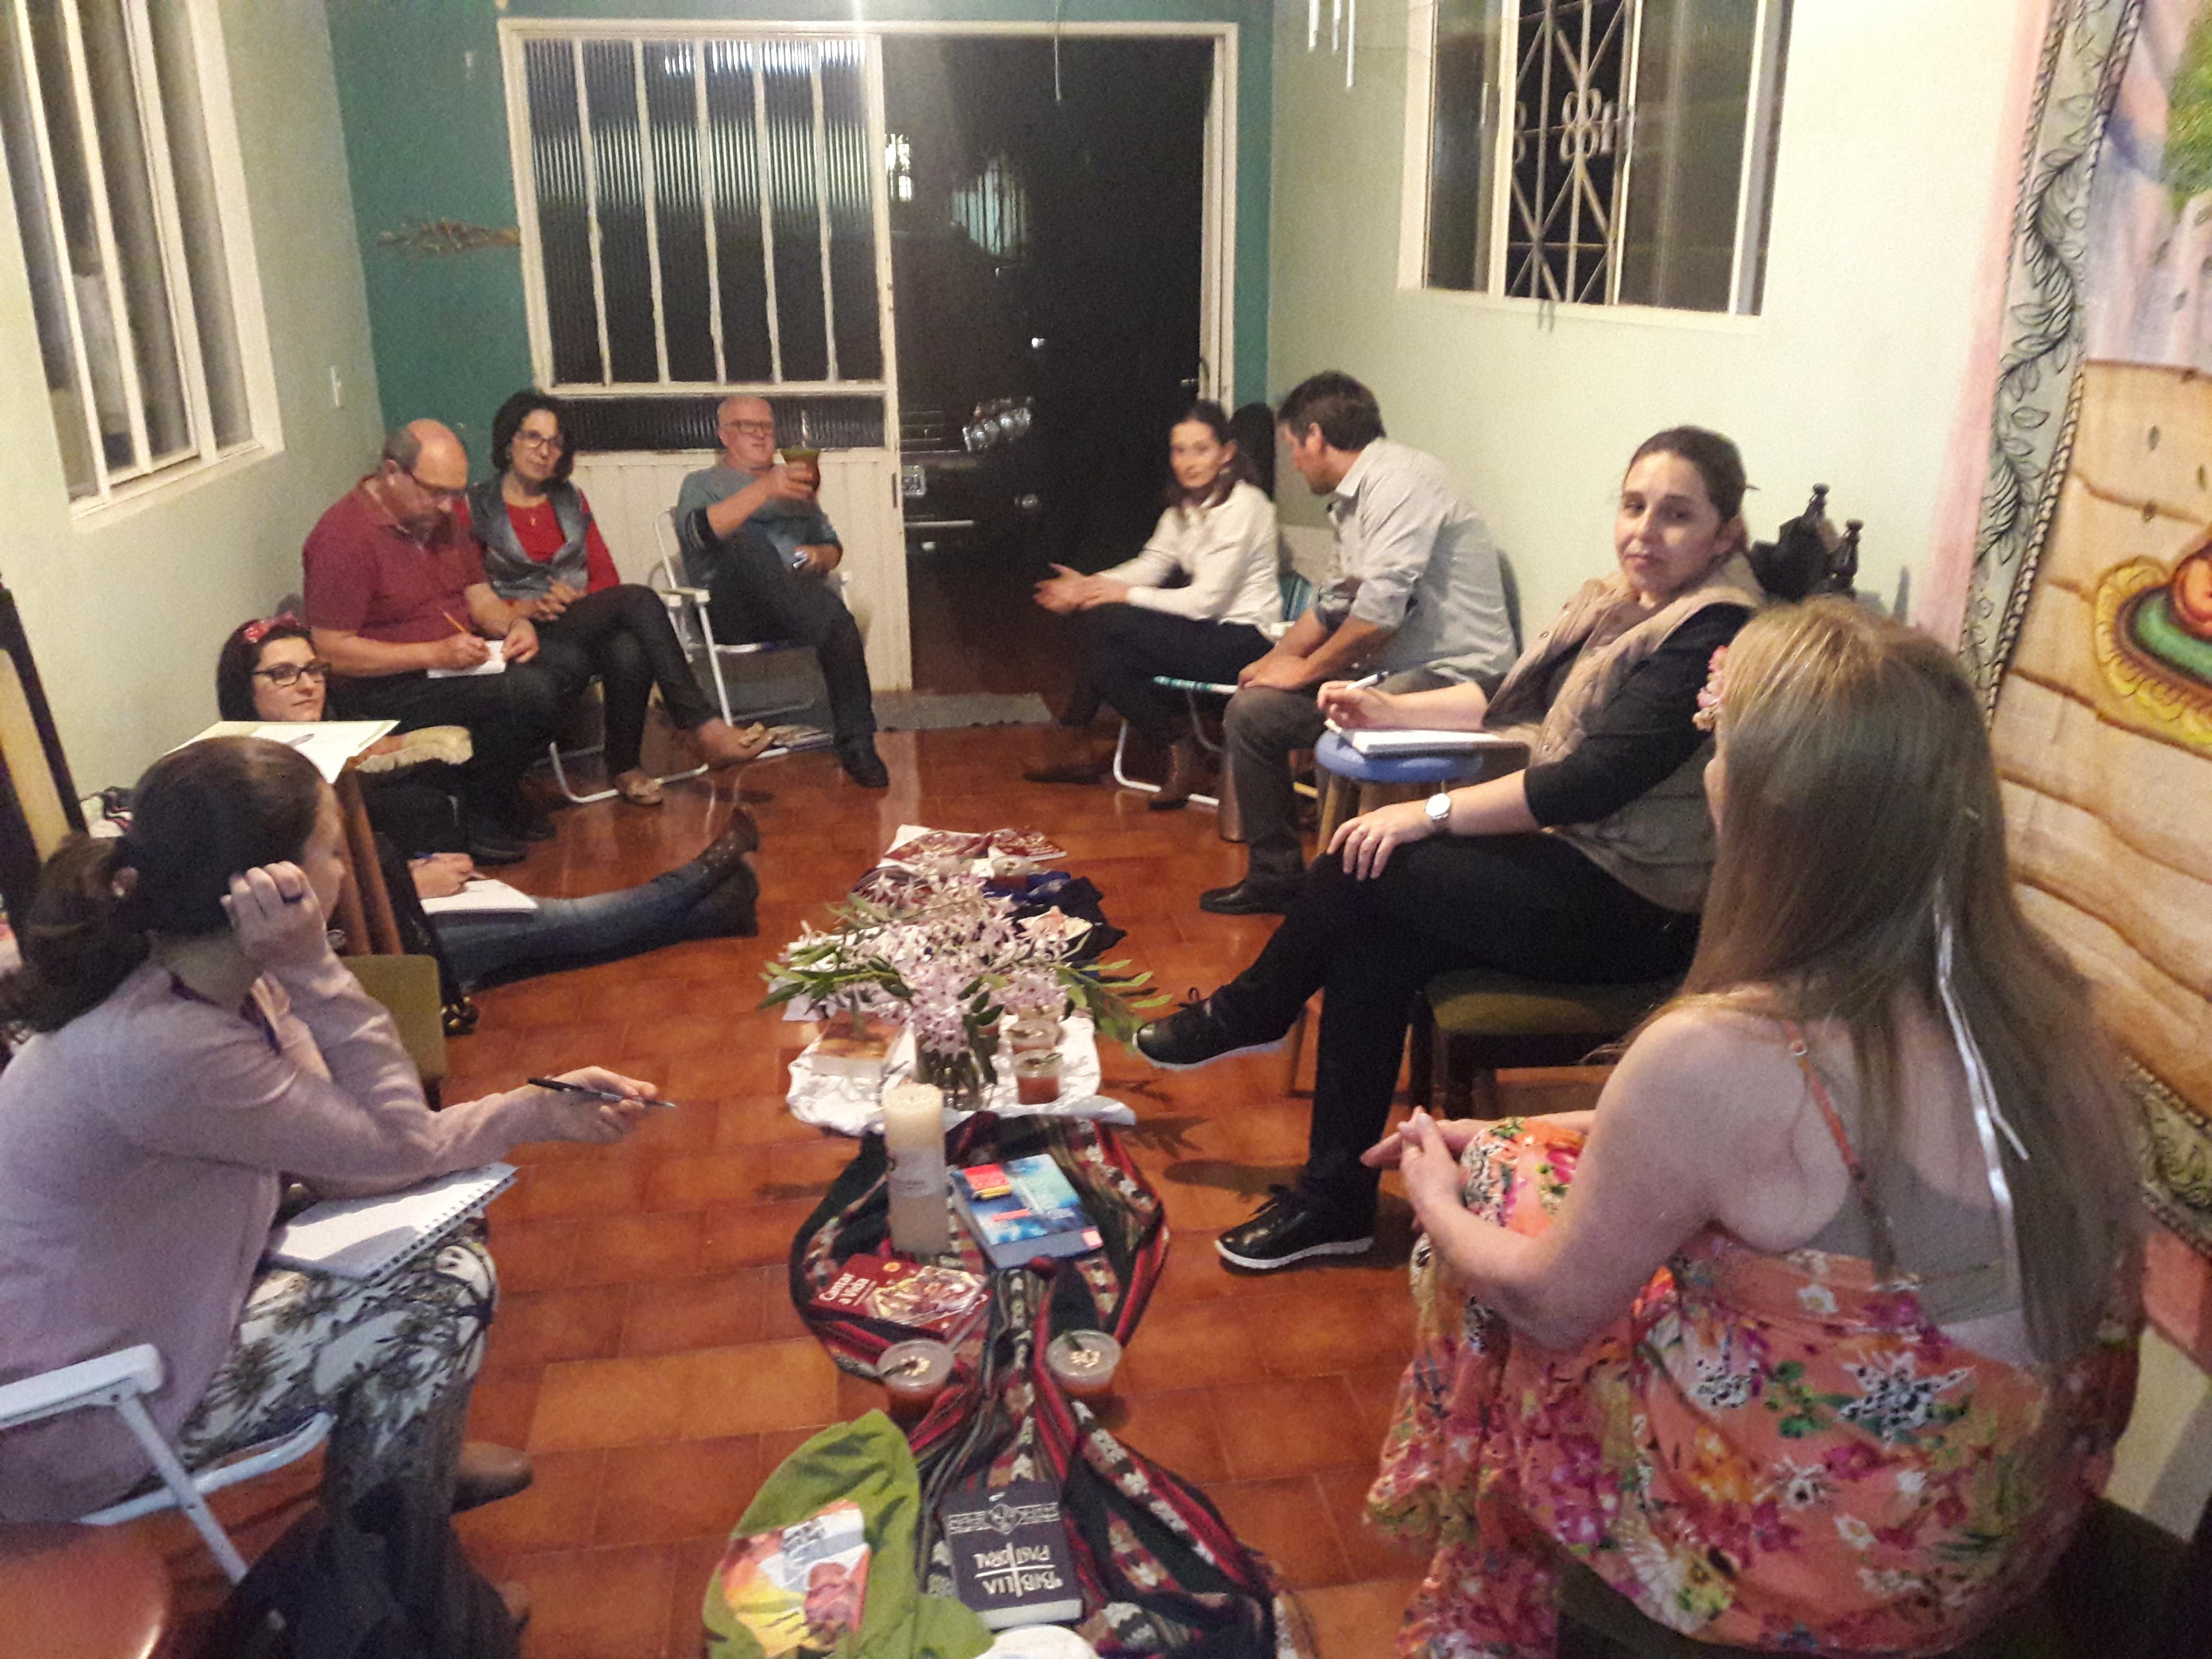 CEBI-SC: Chapecó se reúne ao redor da Palavra que liberta